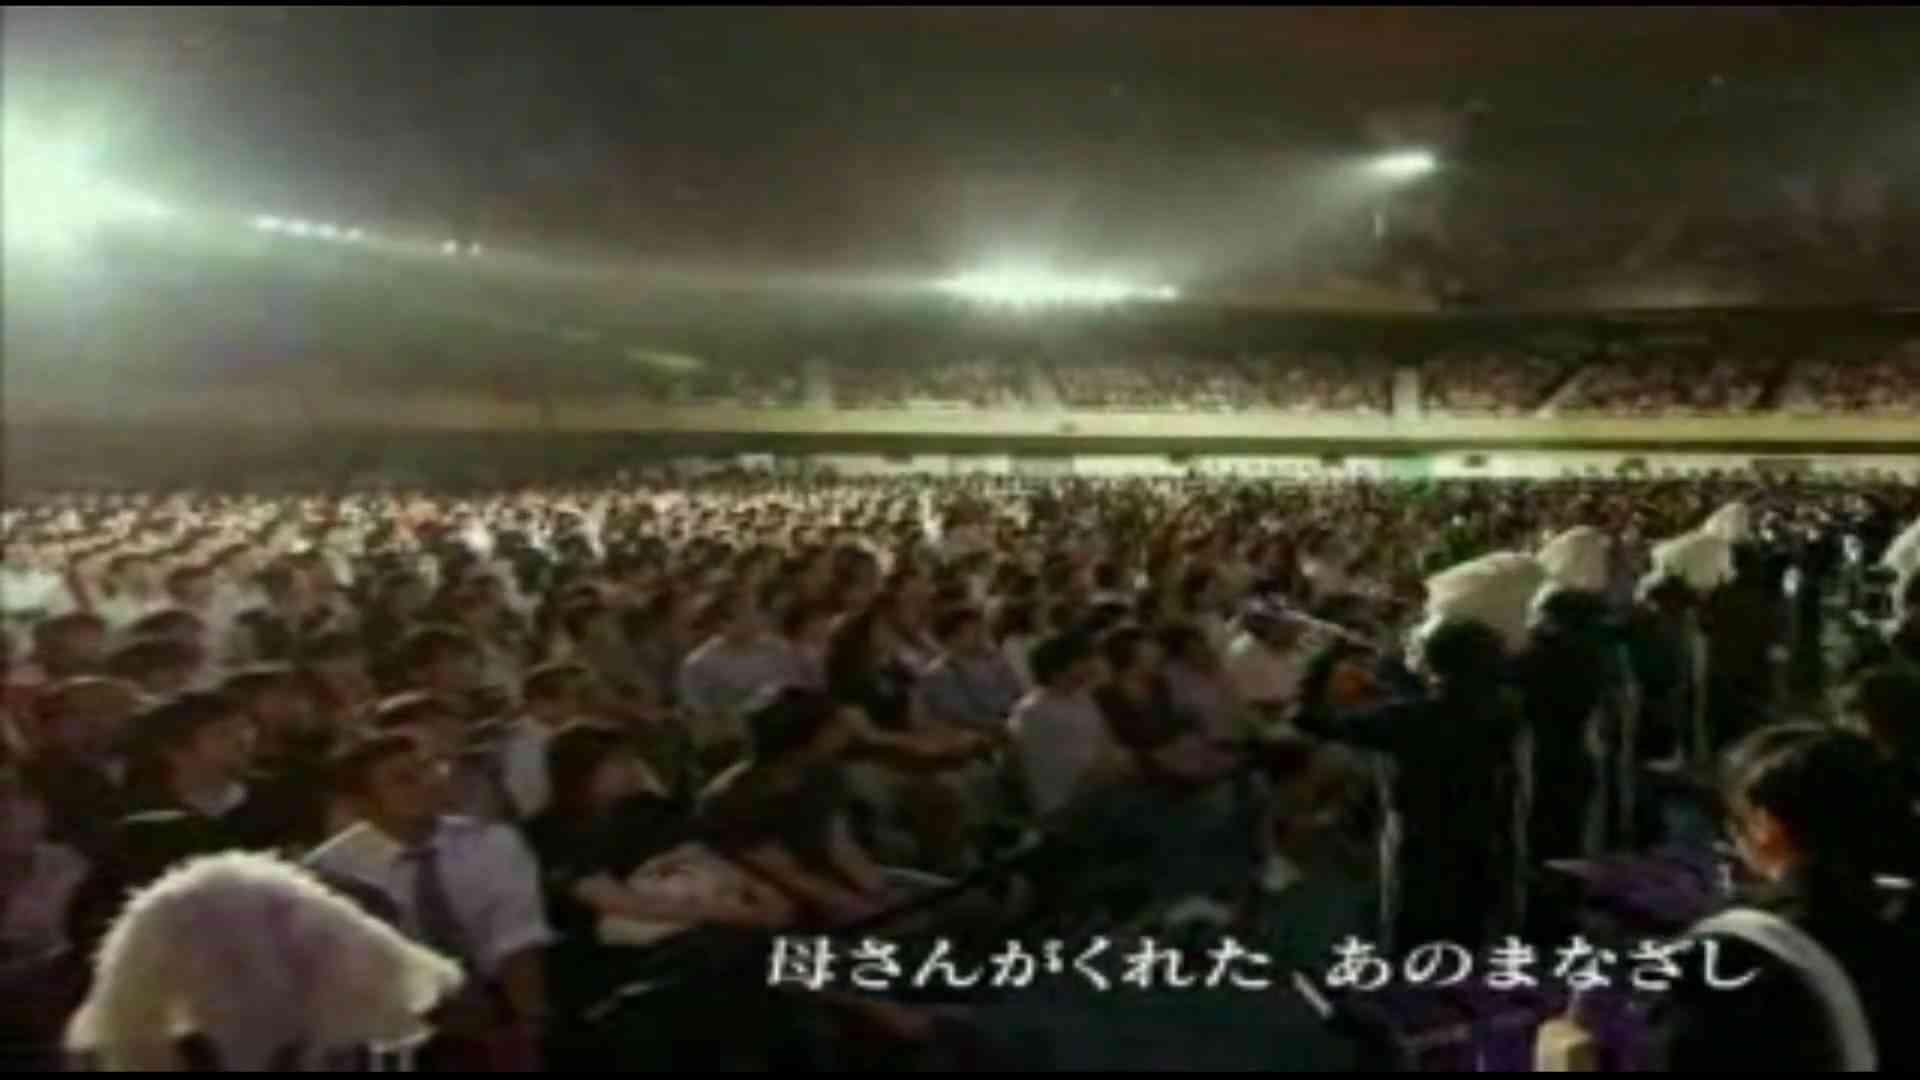 久石讓Joe Hisaishi  800人大合唱天空之城.mpg [HD] - YouTube